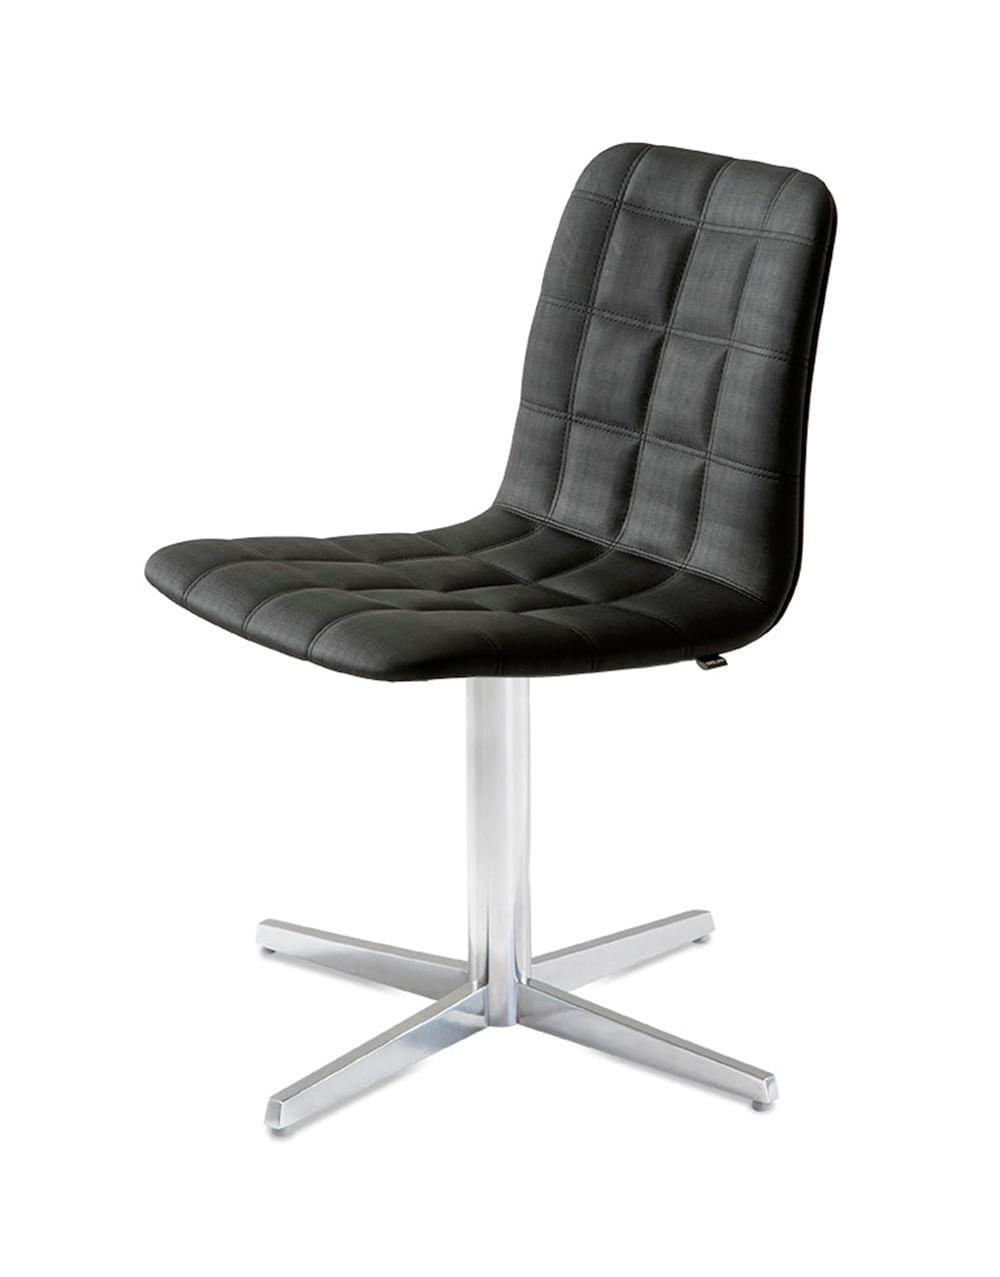 Cadeira Quadra Assento Estofado Linho Preto com Base Aranha em Aluminio - 46906